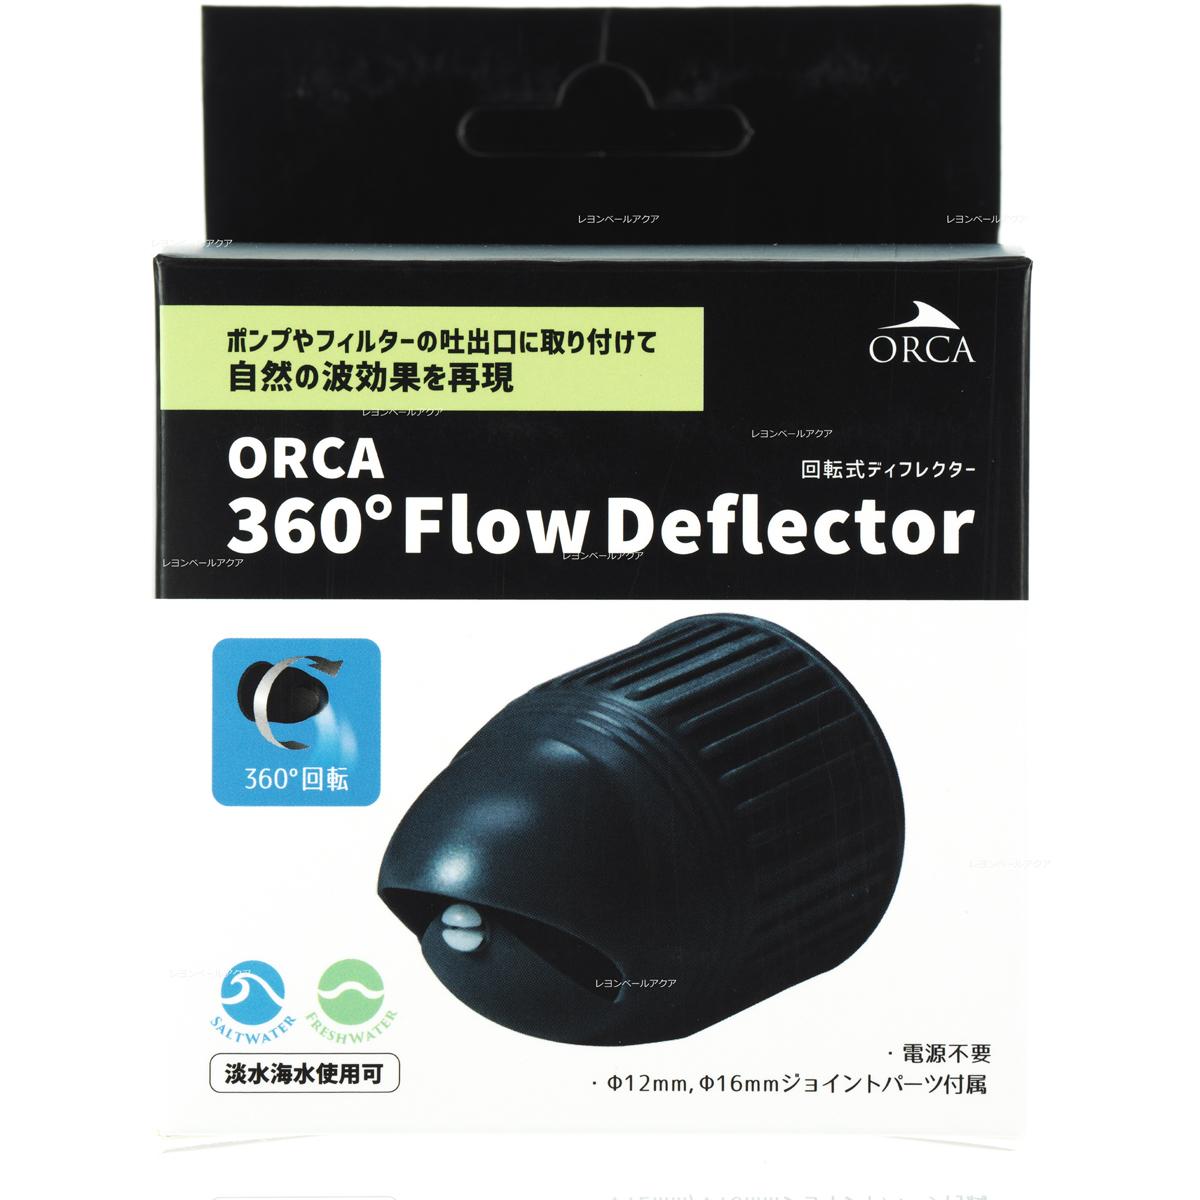 全国送料無料 在庫有り 即OK お洒落 MMC 新商品 フローディフレクター 360度 オルカORCA 日本メーカー新品